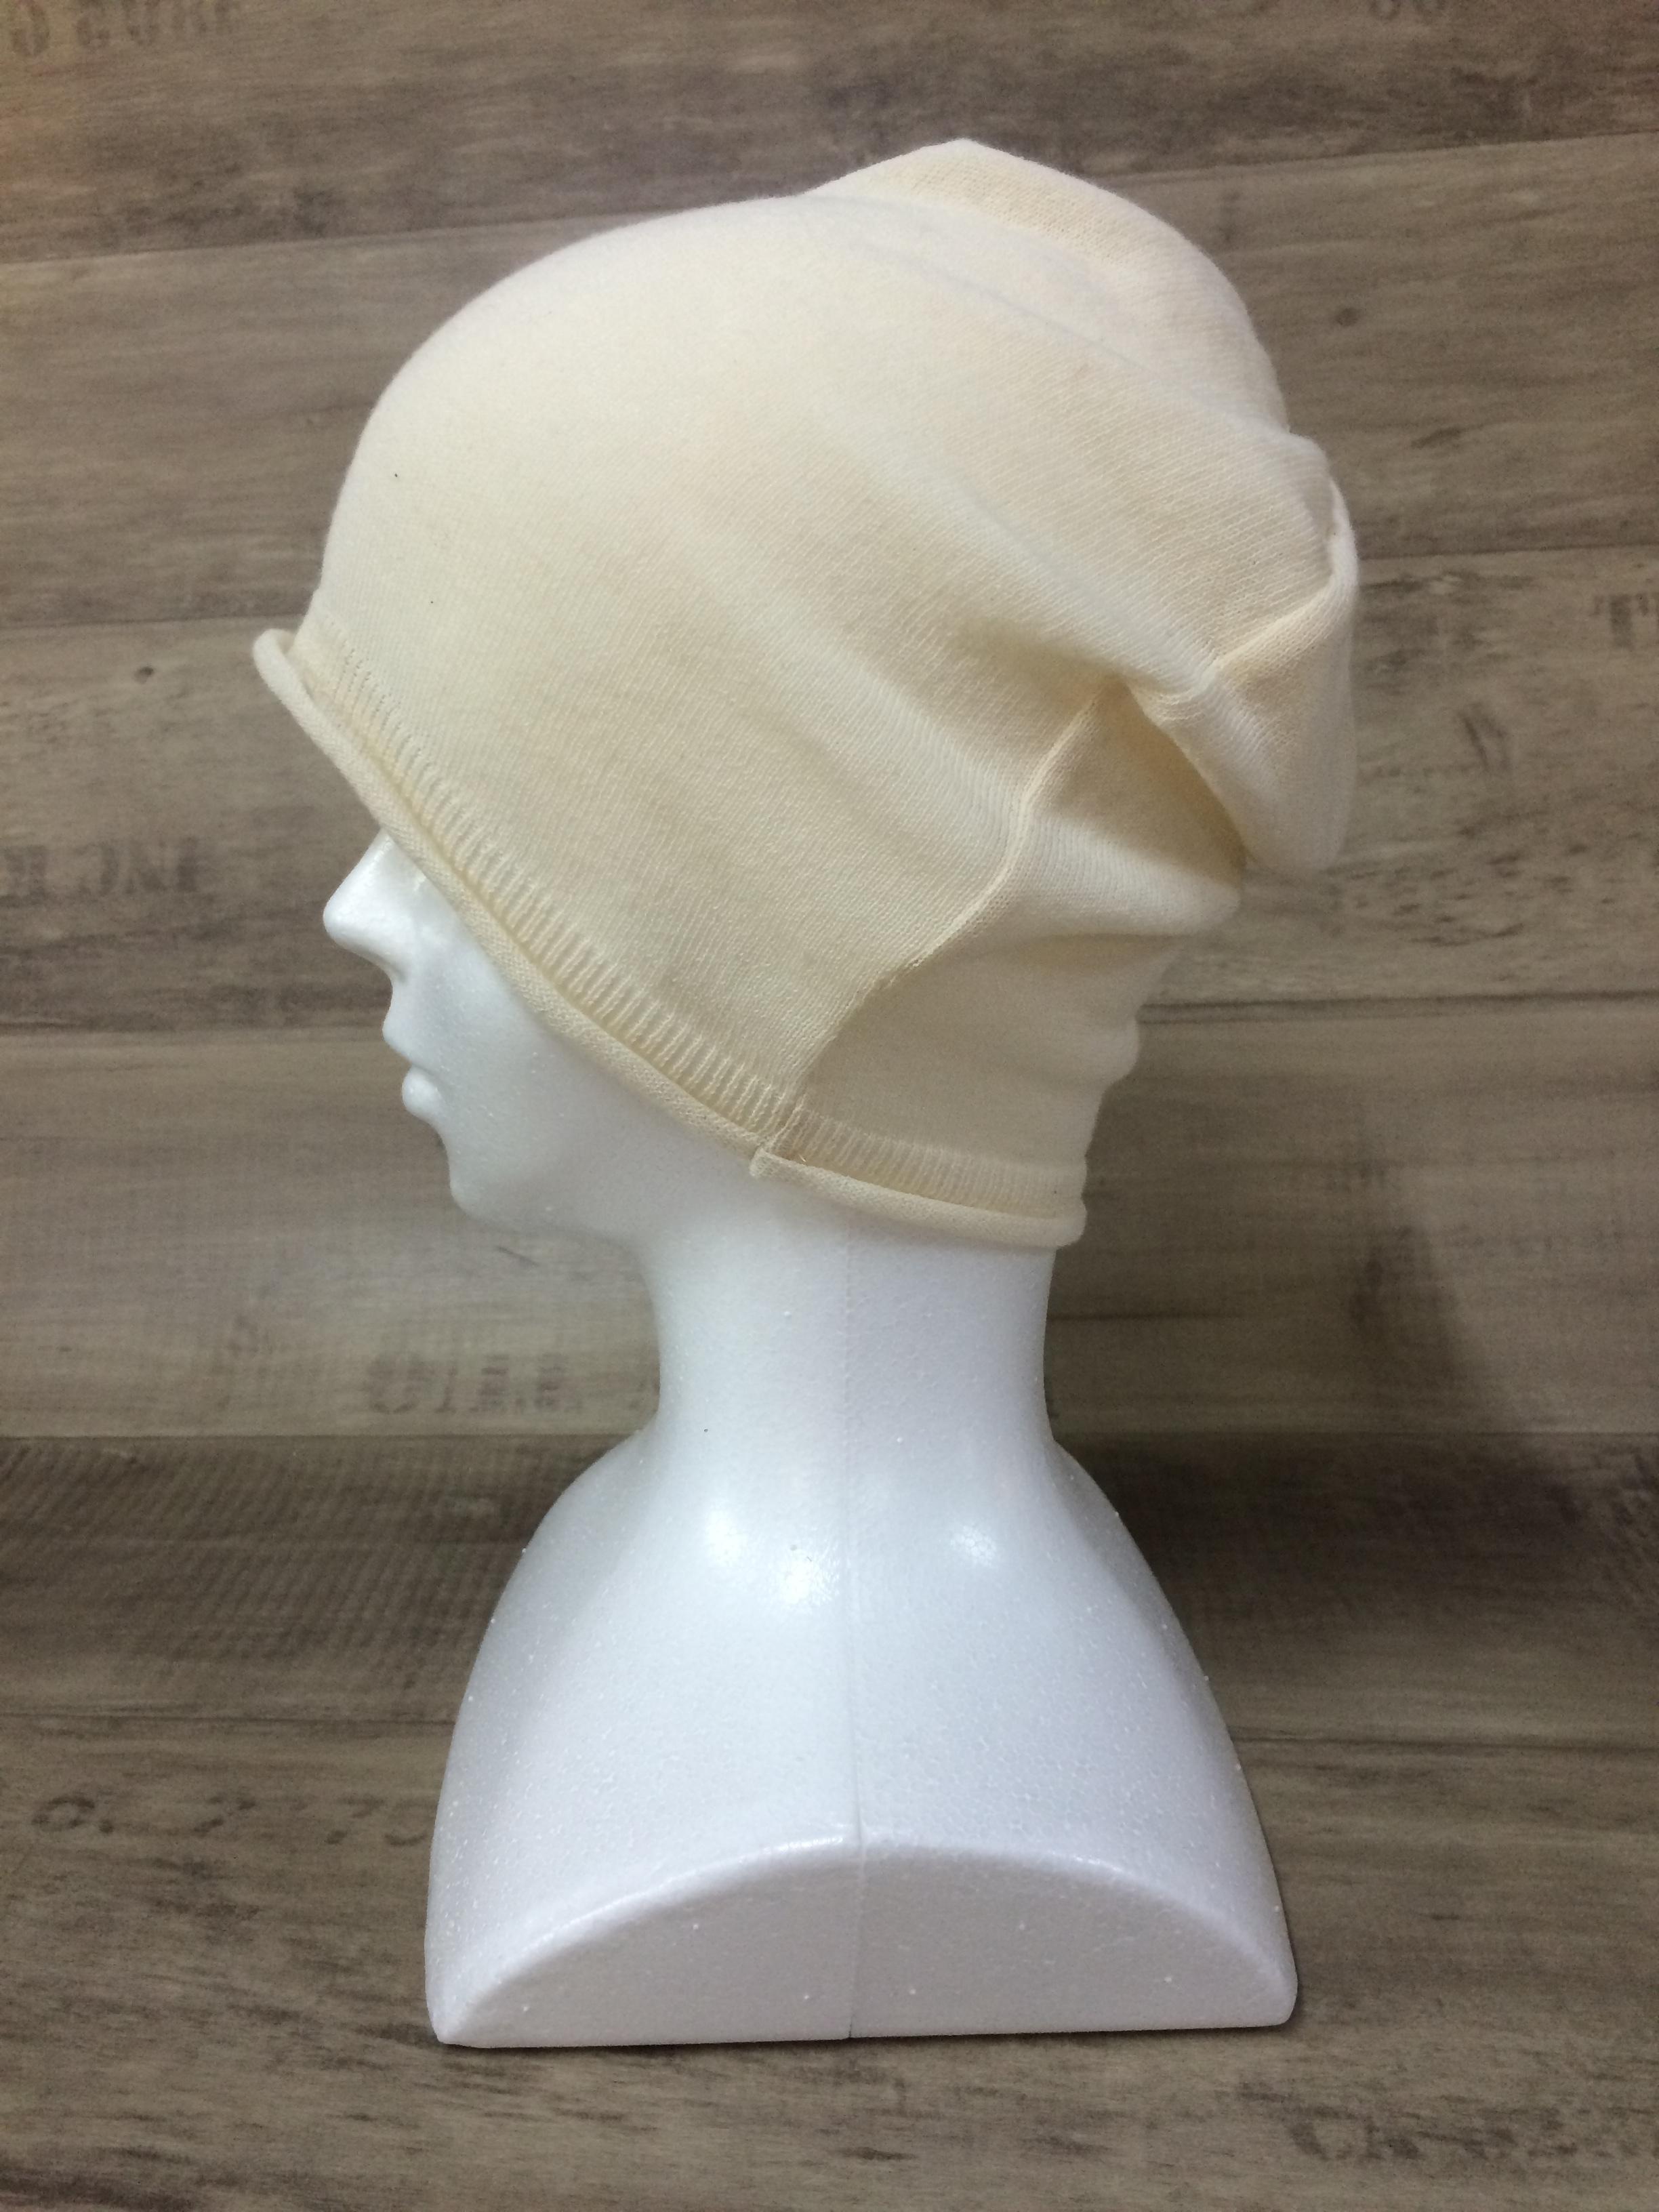 【送料無料】こころが軽くなるニット帽子amuamu|新潟の老舗ニットメーカーが考案した抗がん治療中の脱毛ストレスを軽減する機能性と豊富なデザイン NB-6058|フレンチバニラ <オーガニックコットン アウター>